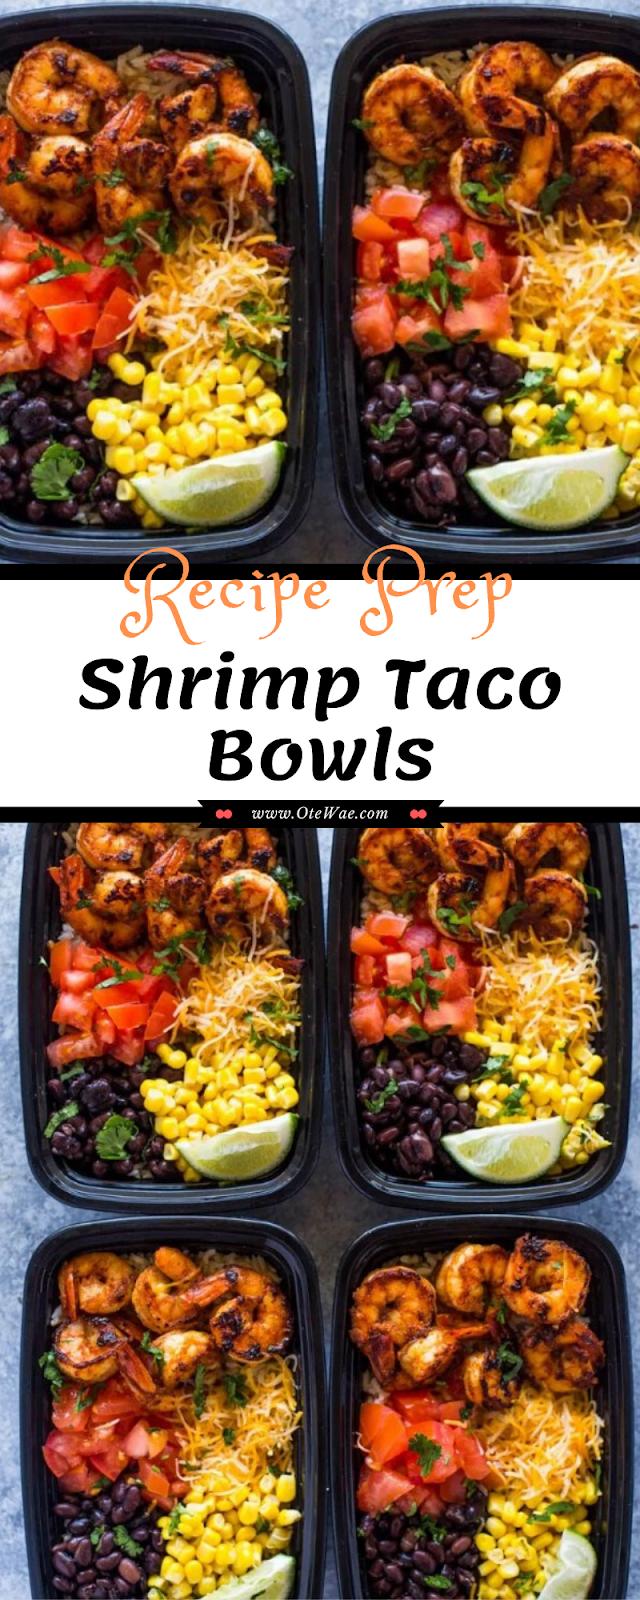 Prep Shrimp Taco Bowls